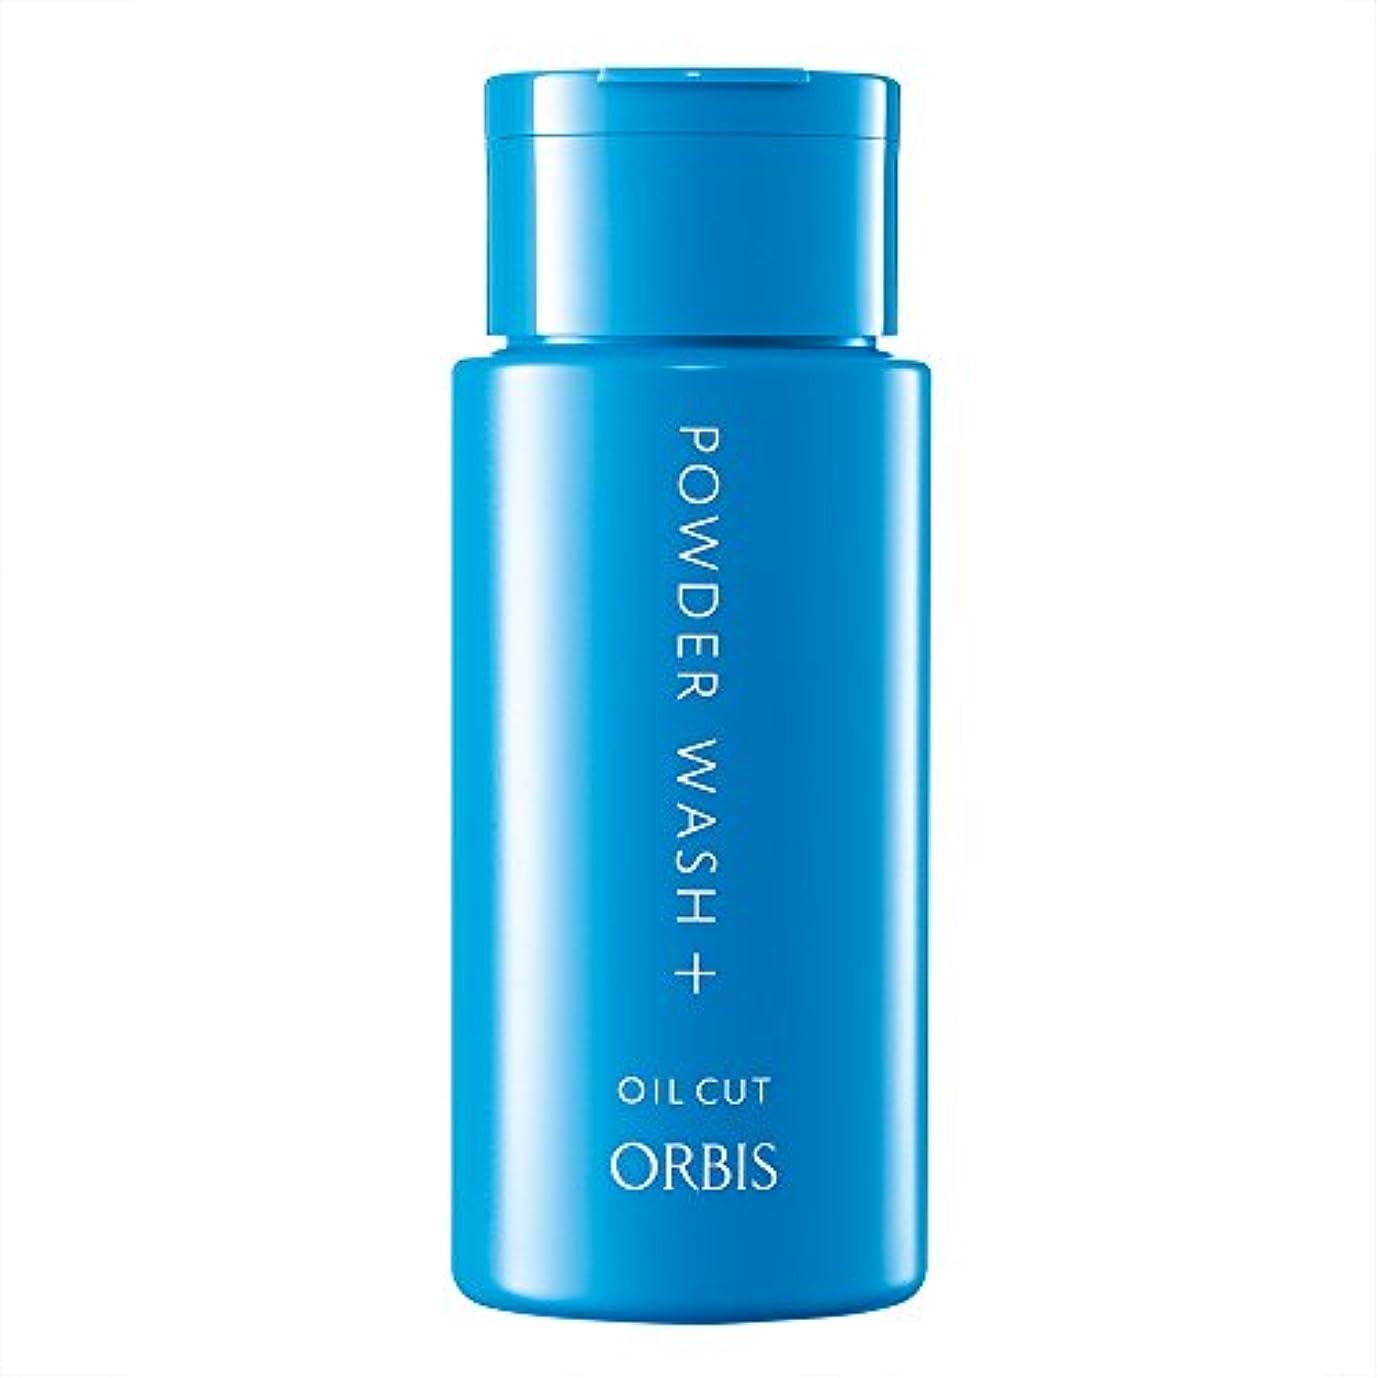 マティス条件付き性交オルビス(ORBIS) パウダーウォッシュプラス 50g ◎酵素洗顔パウダー◎